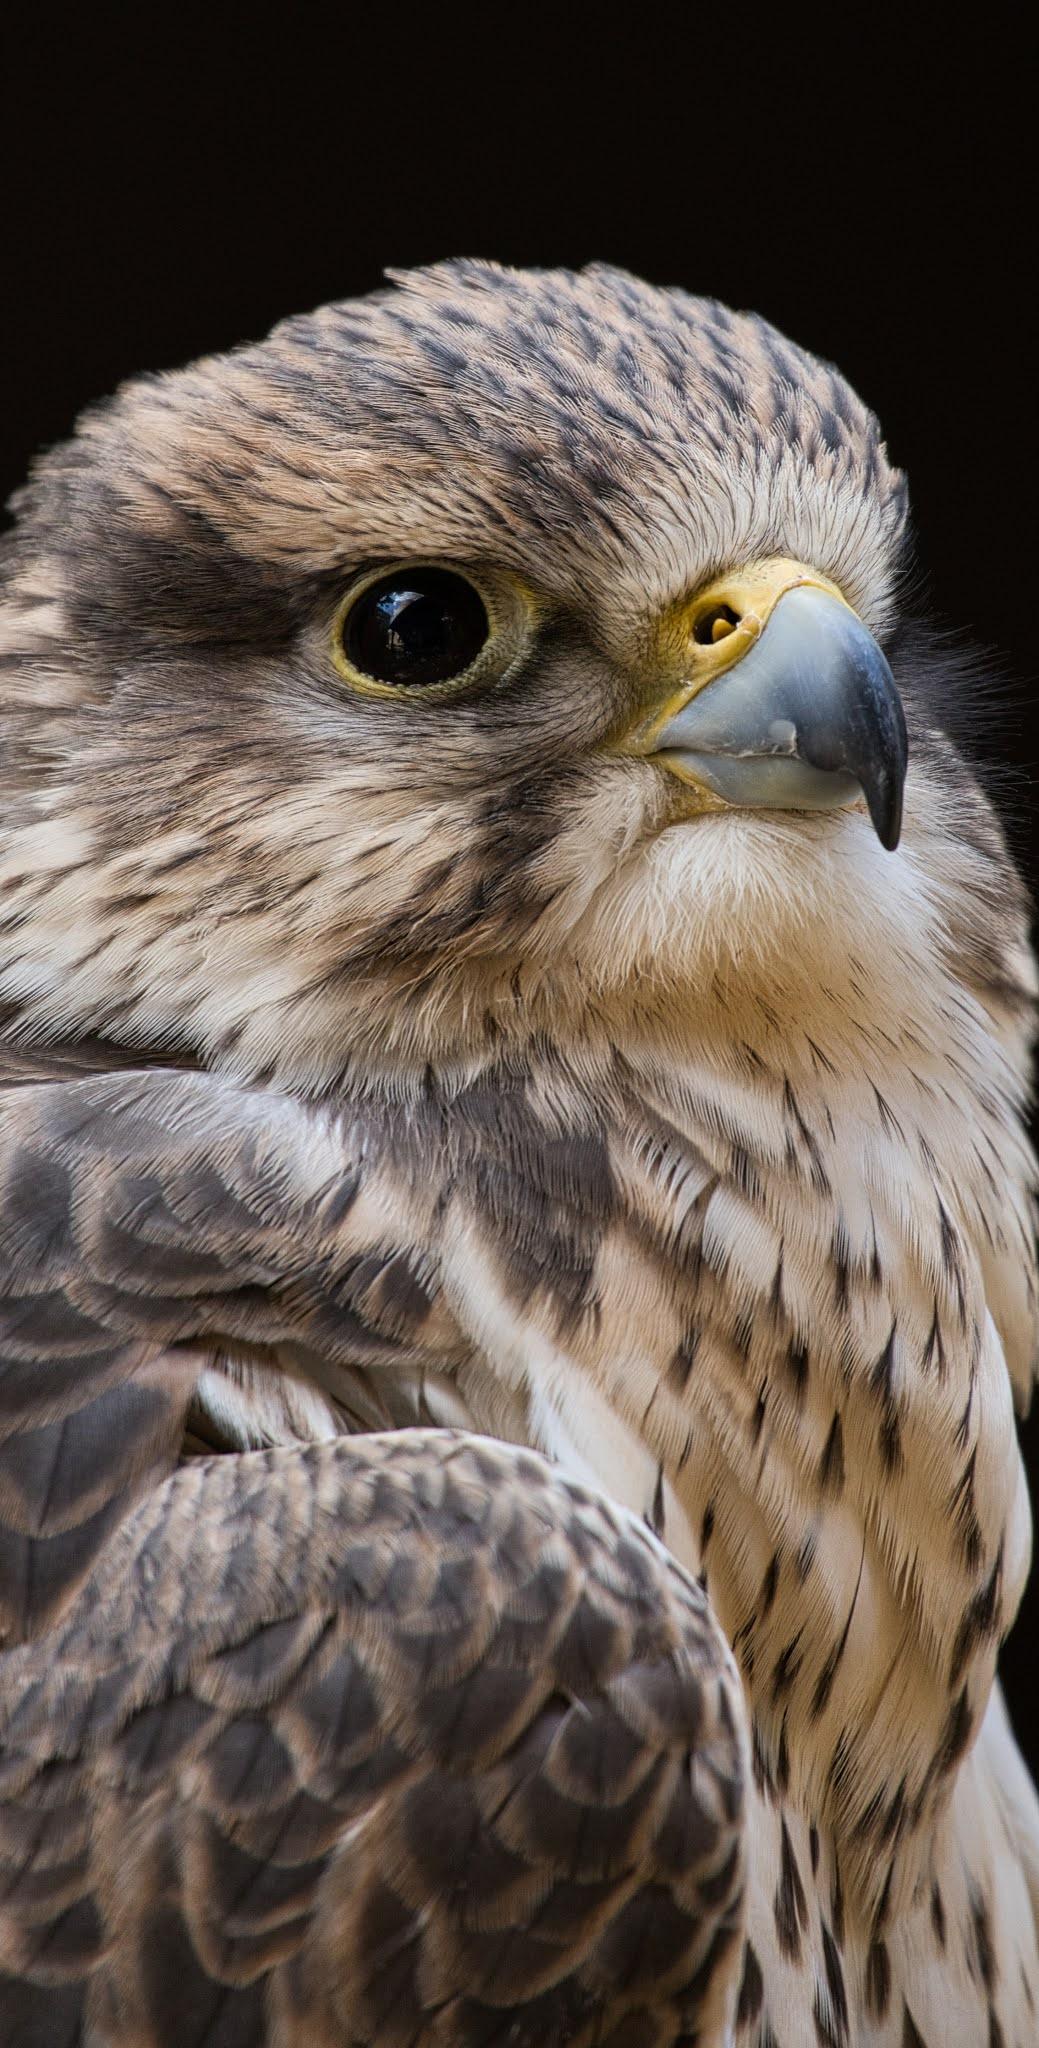 Falcon bird up close.